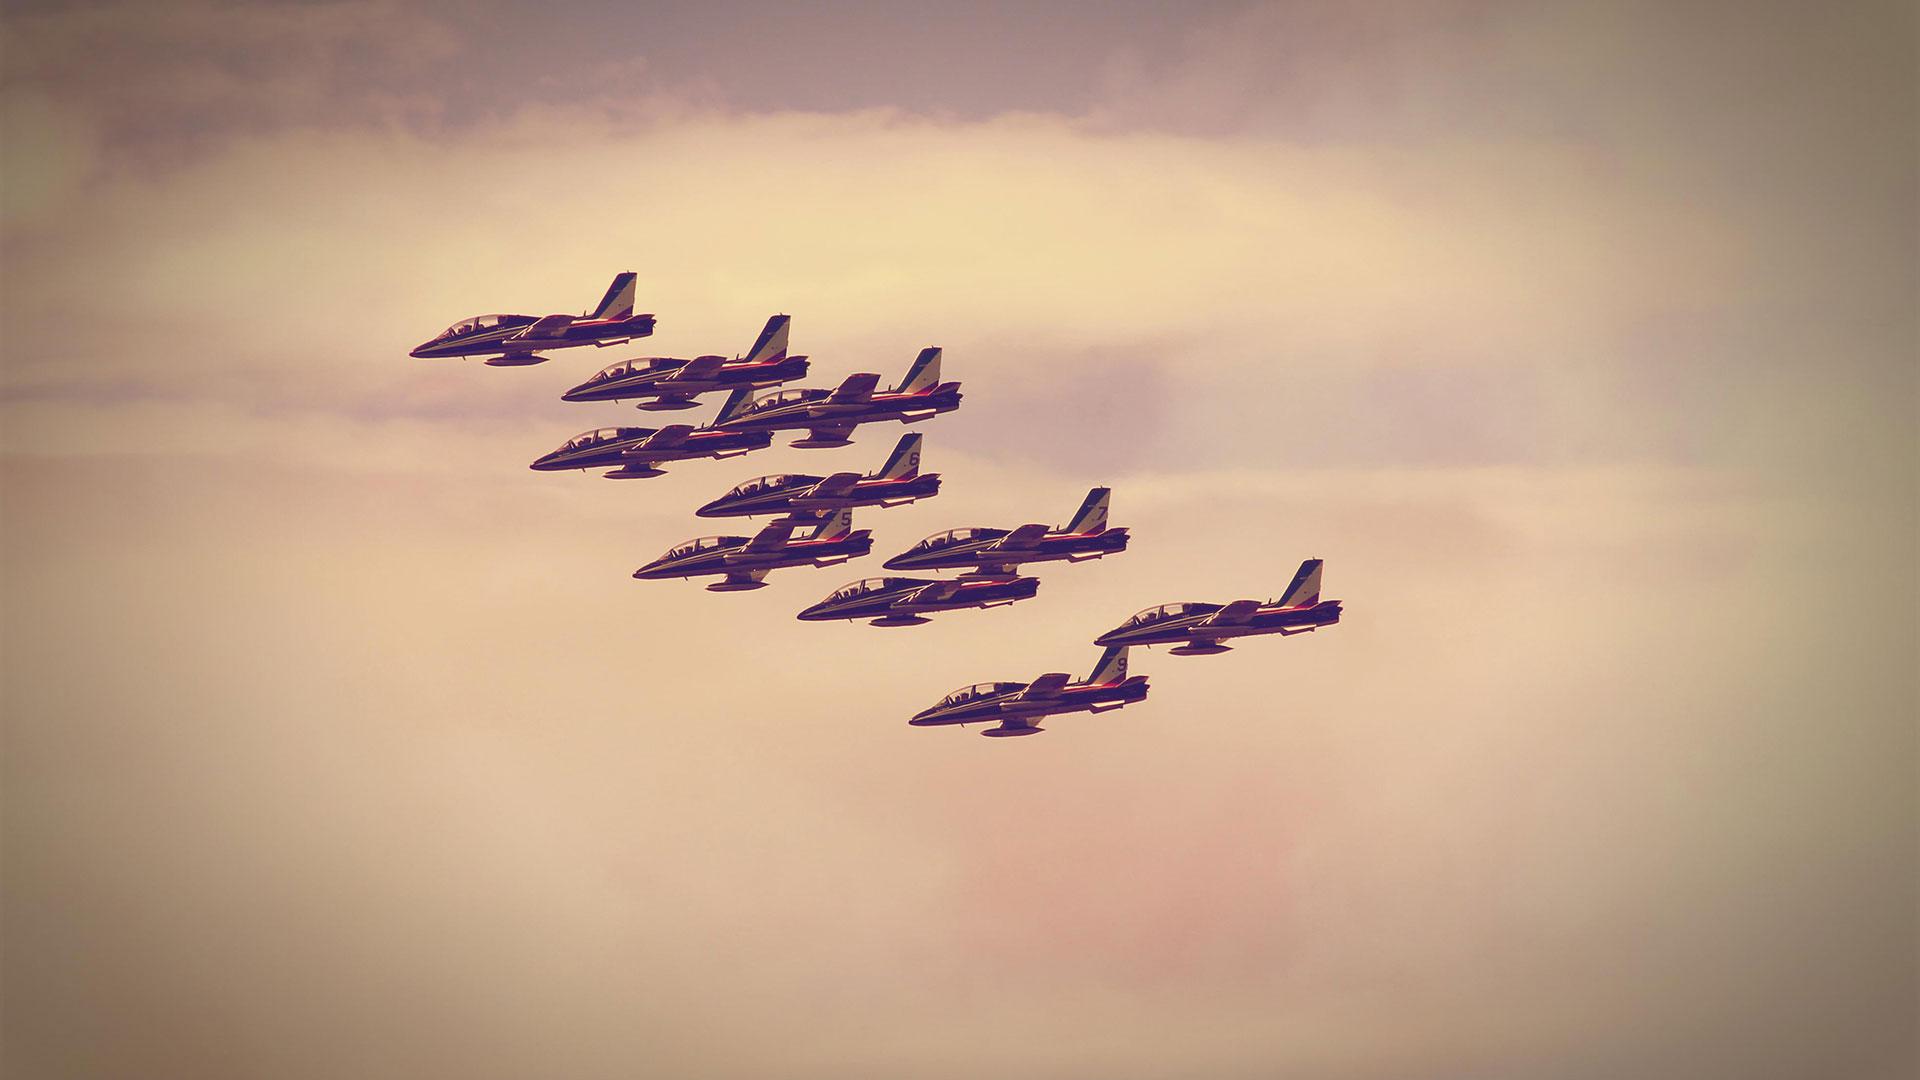 frecce-tricolori-60-anni-pan-pattuglia-acrobatica-nazionale-aeronautica-militare-(50)